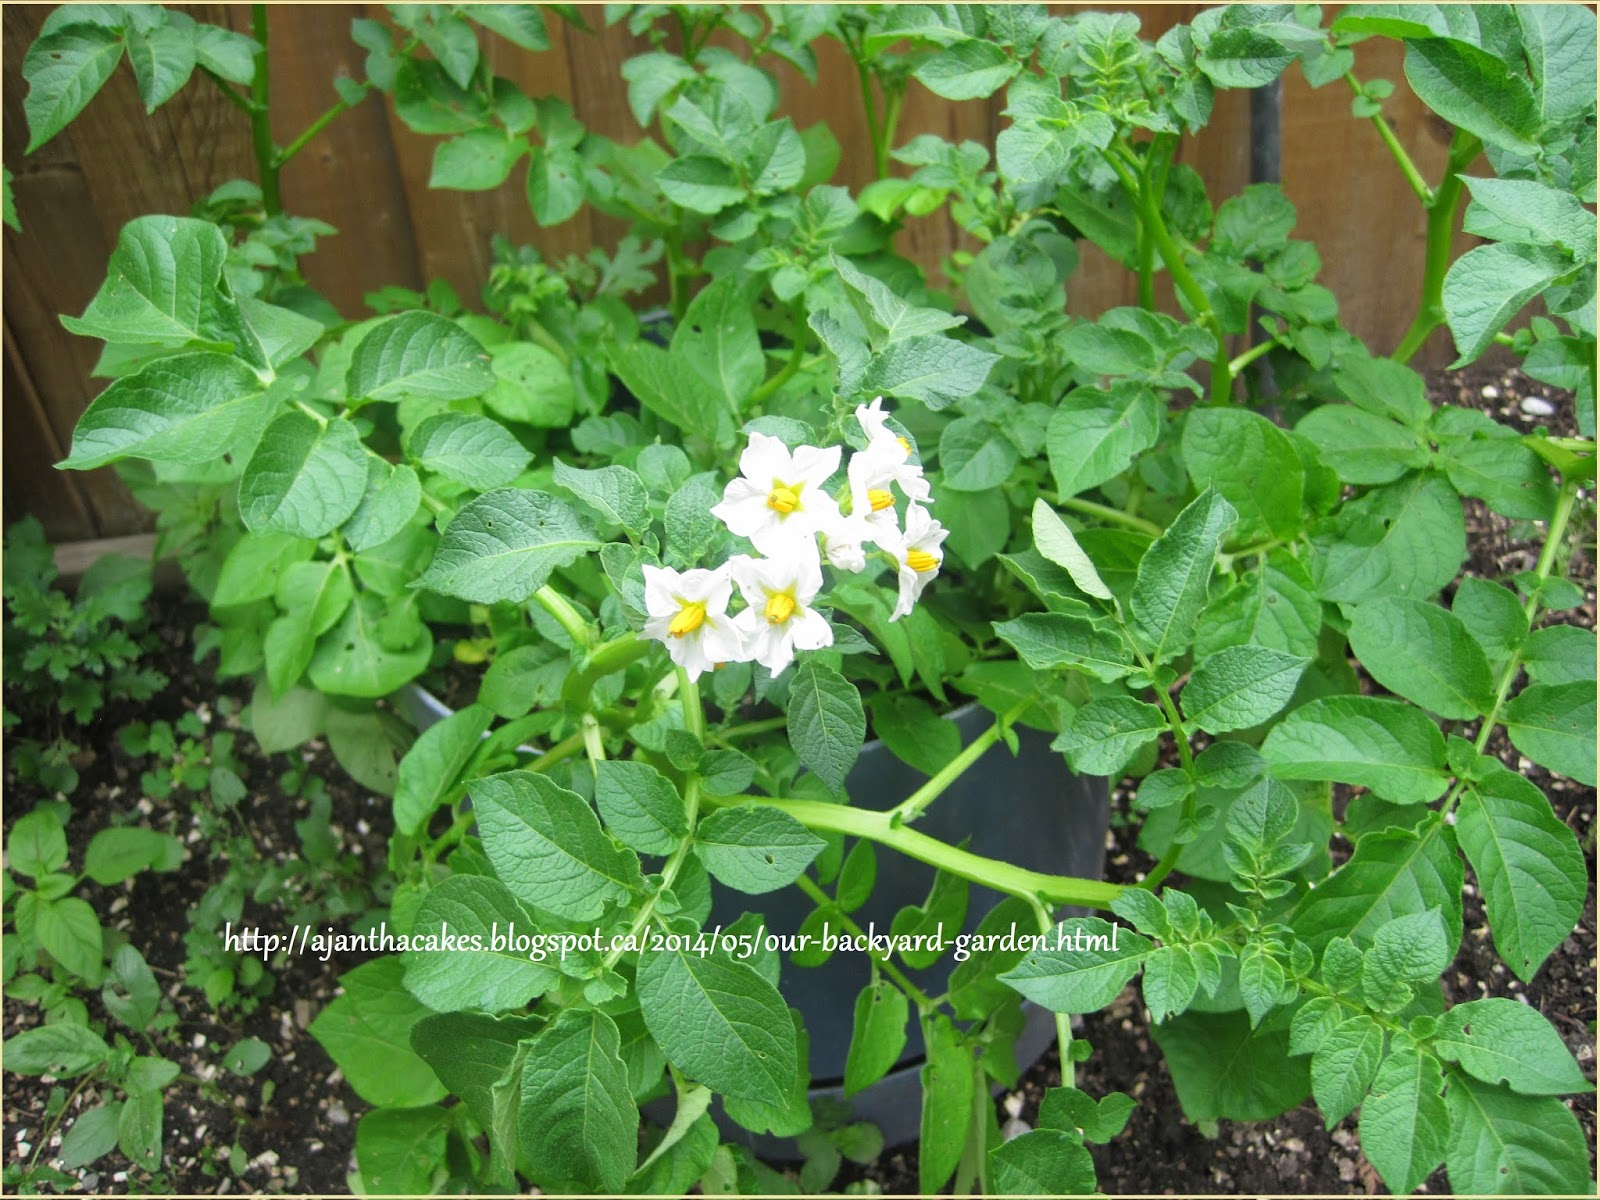 Our Back yard Garden, Our Garden, எங்கள் வீட்டுத் தோட்டம்., Potato